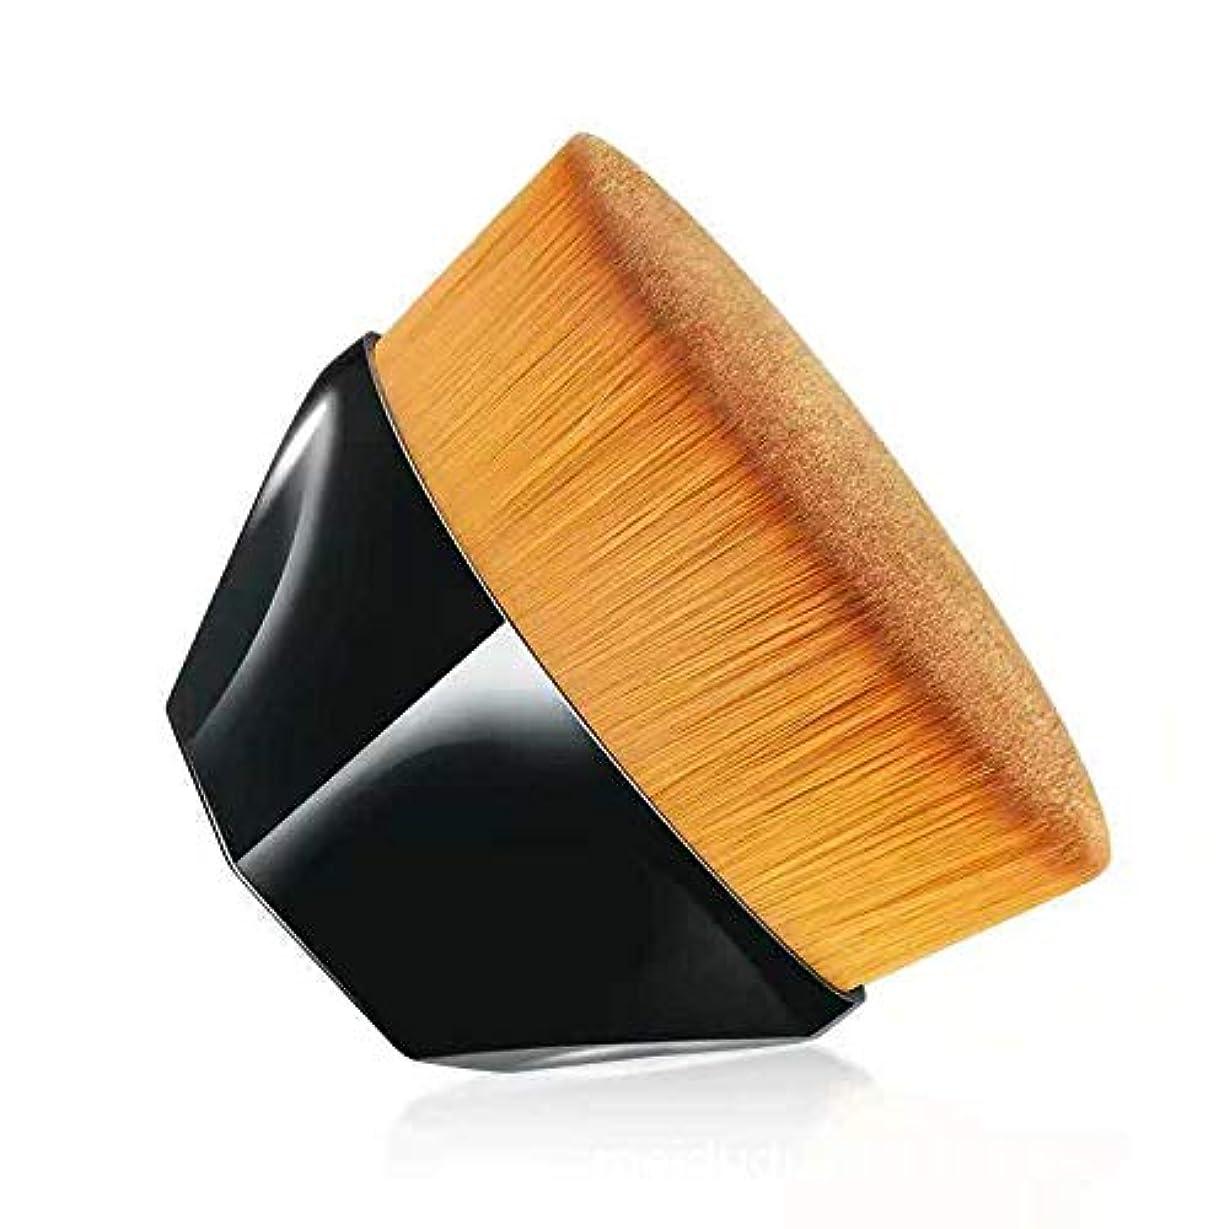 解任ナット印象派柔らかい高級繊維毛化粧ブラシ 携帯便利メイクアップブラシ 肌にやさしいファンデーションブラシ 化粧筆 (ブラック)